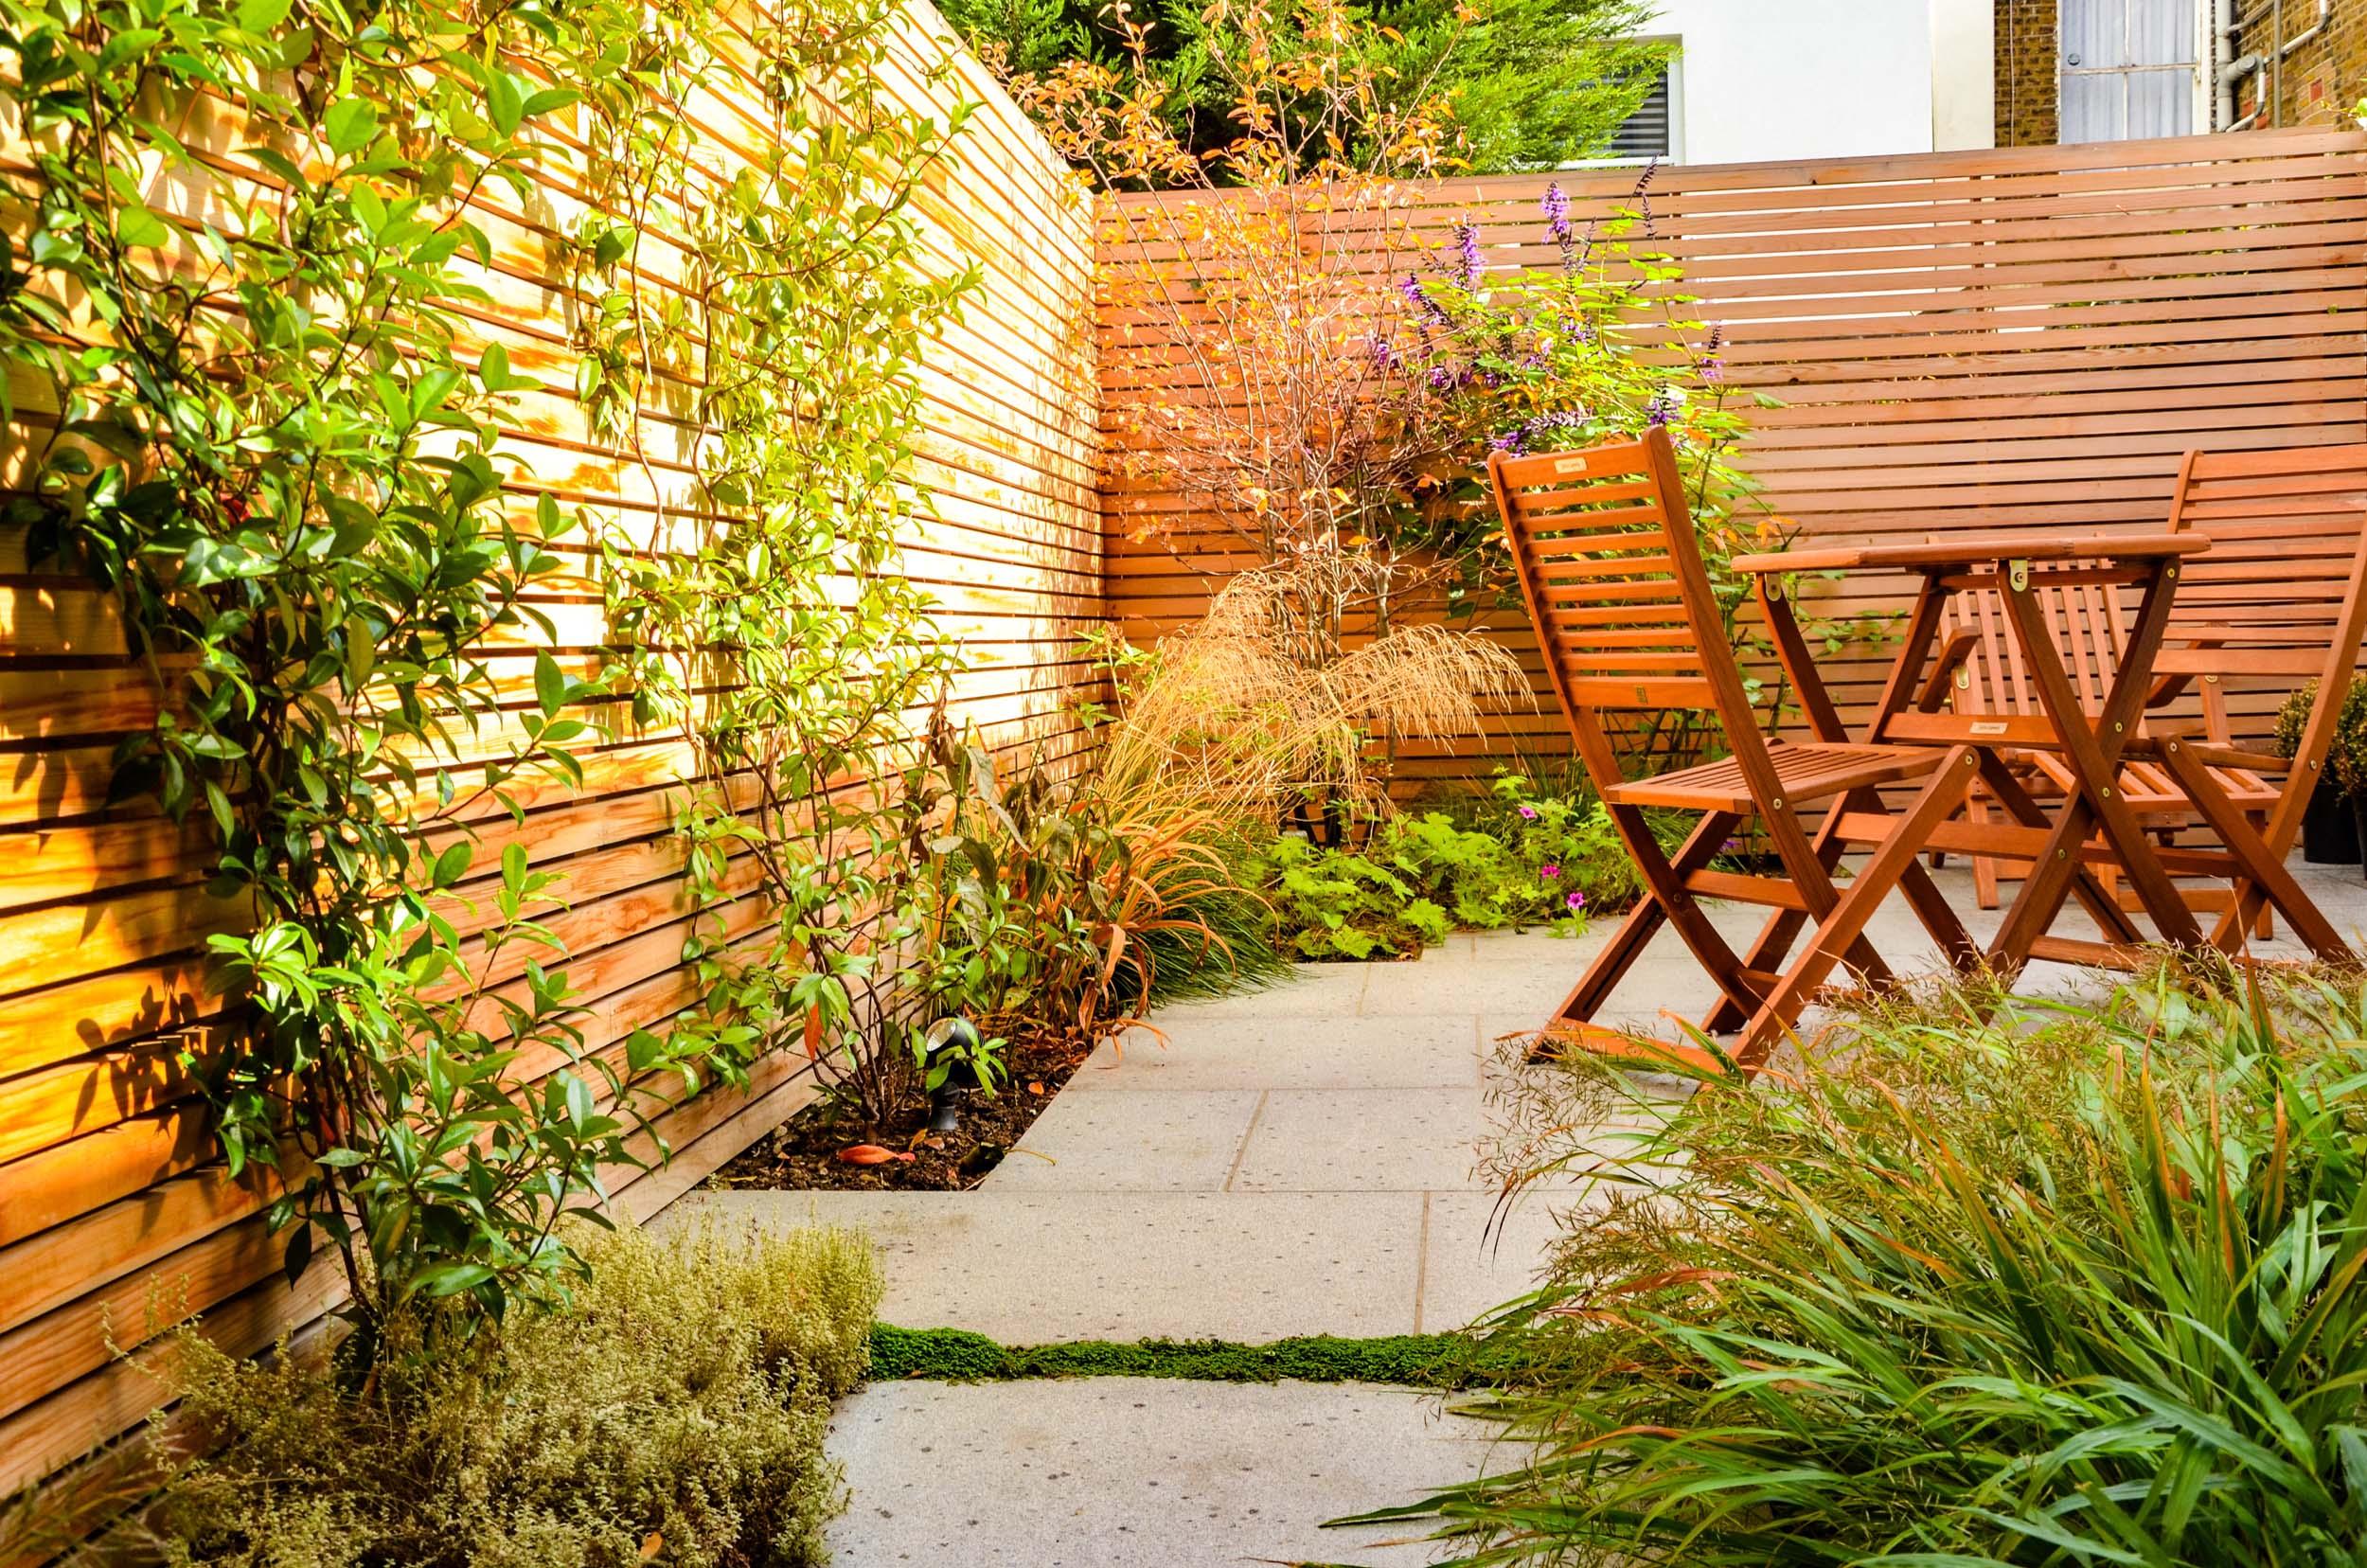 Azara-landscapes-queens-park-garden-design-1.jpg